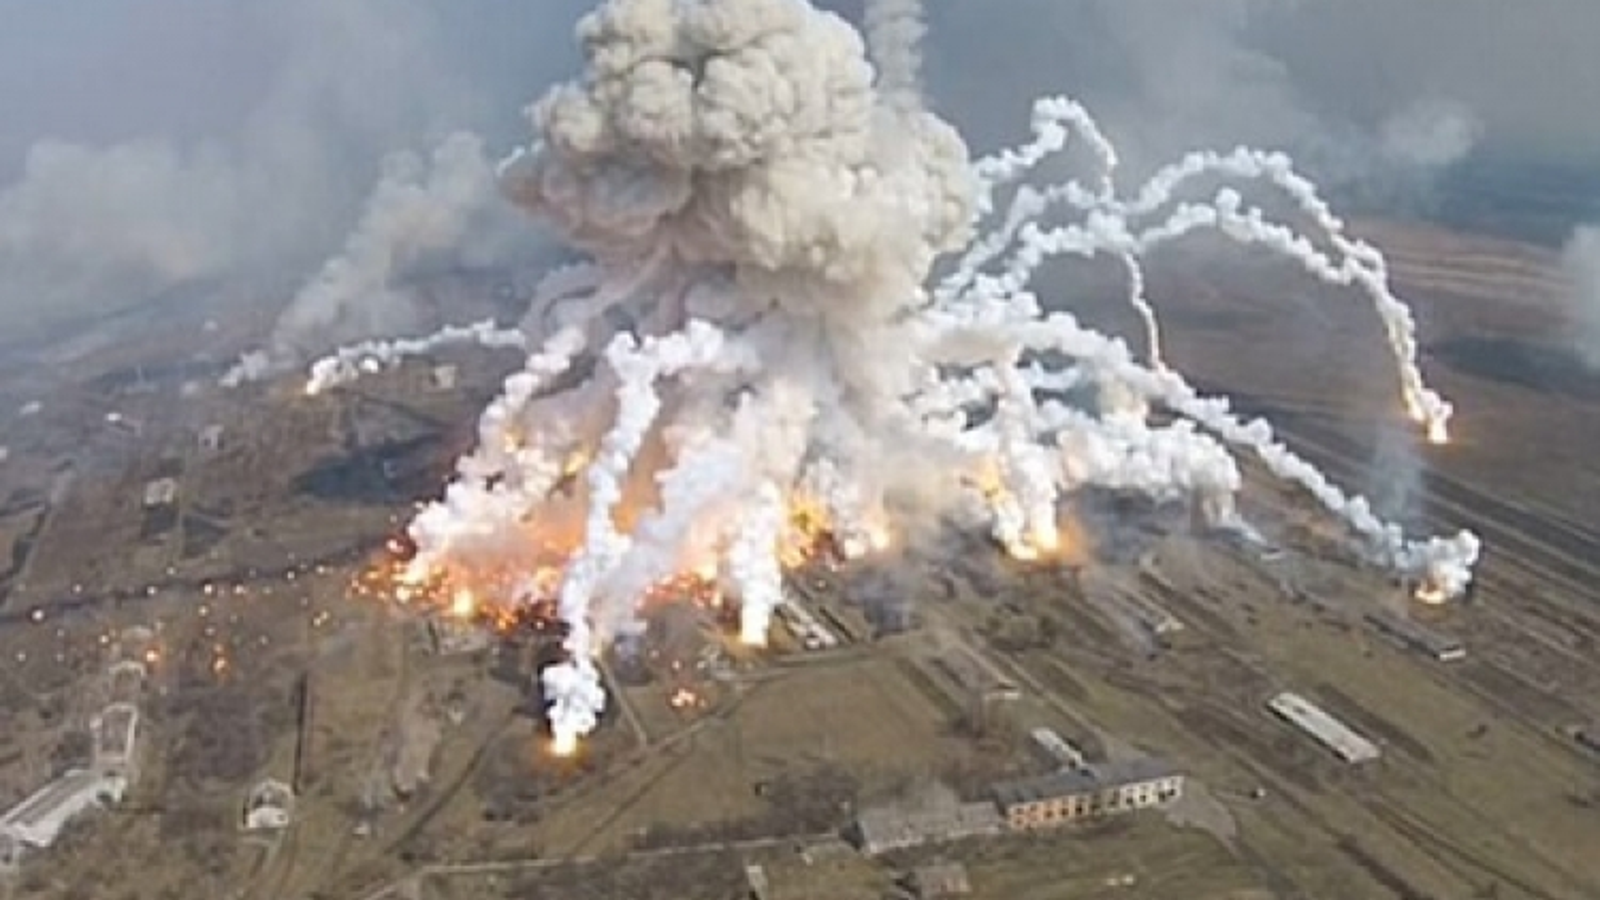 Séctrao công hàm yêu cầu Nga bồi thường thiệt hại sau vụ nổ kho đạn năm 2014